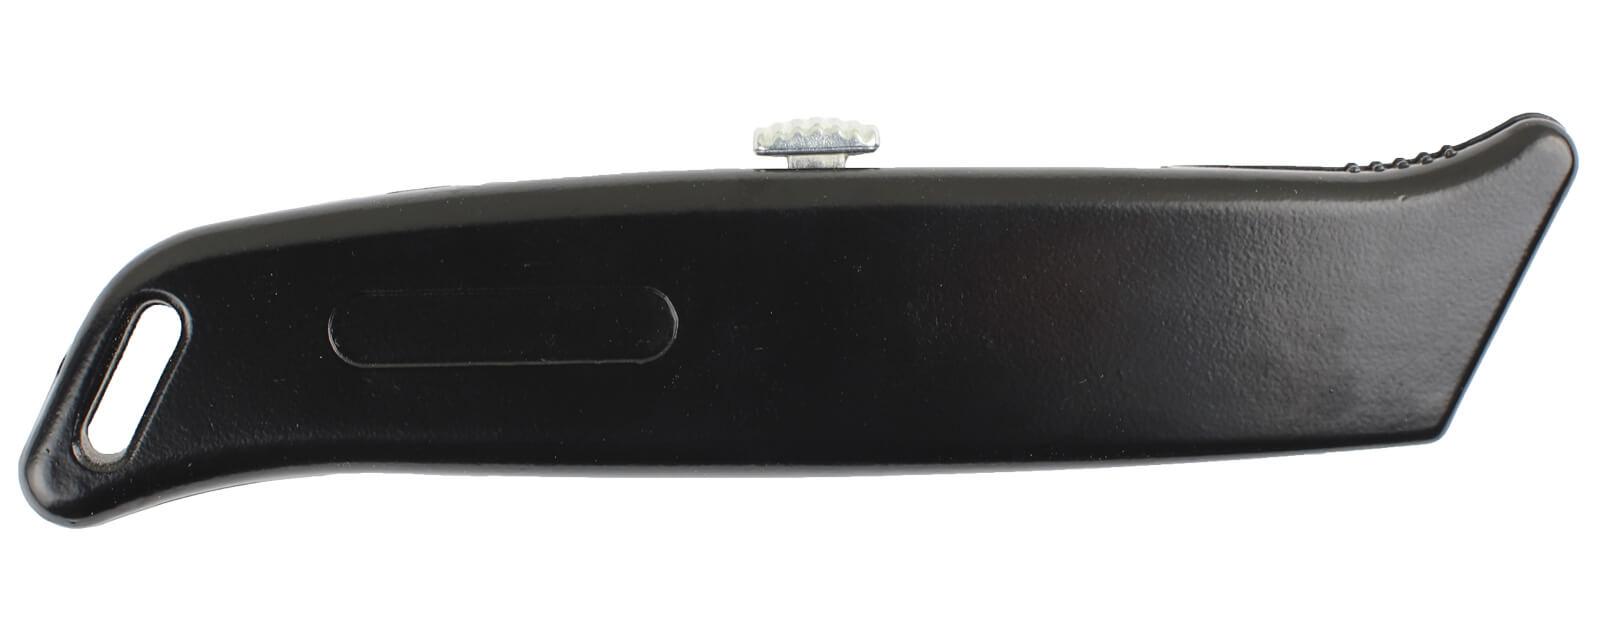 U017-Teppichmesser-manueller-Klingenrückzug-mit-Trapezklinge-schwarz-Rückseite-CURT-tools_1600